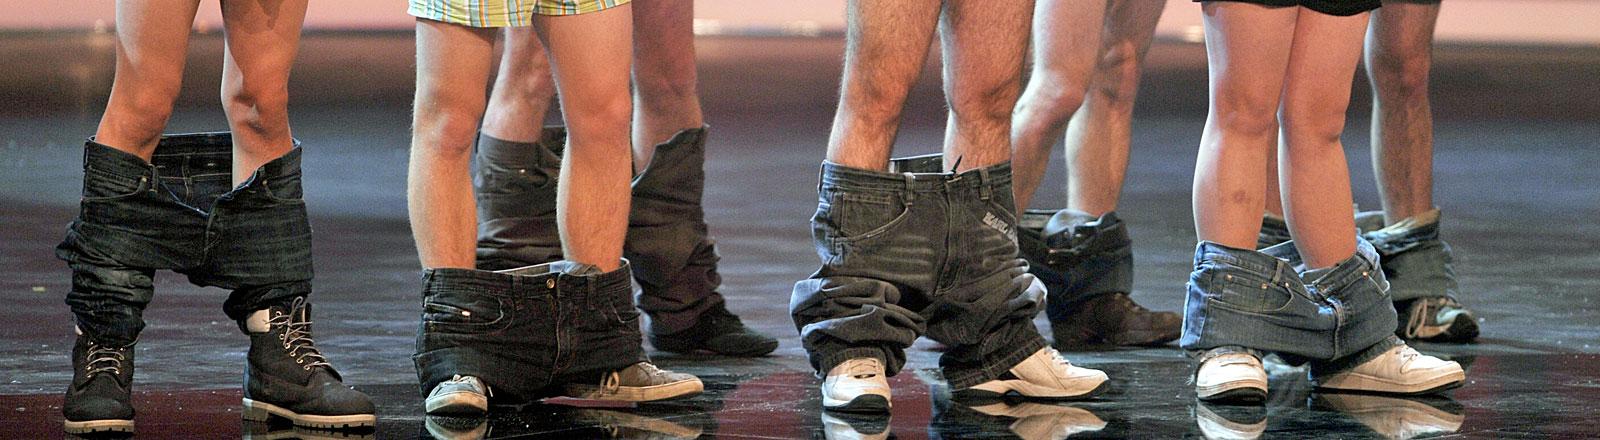 Junge Männer haben ihre Hose runtergelassen